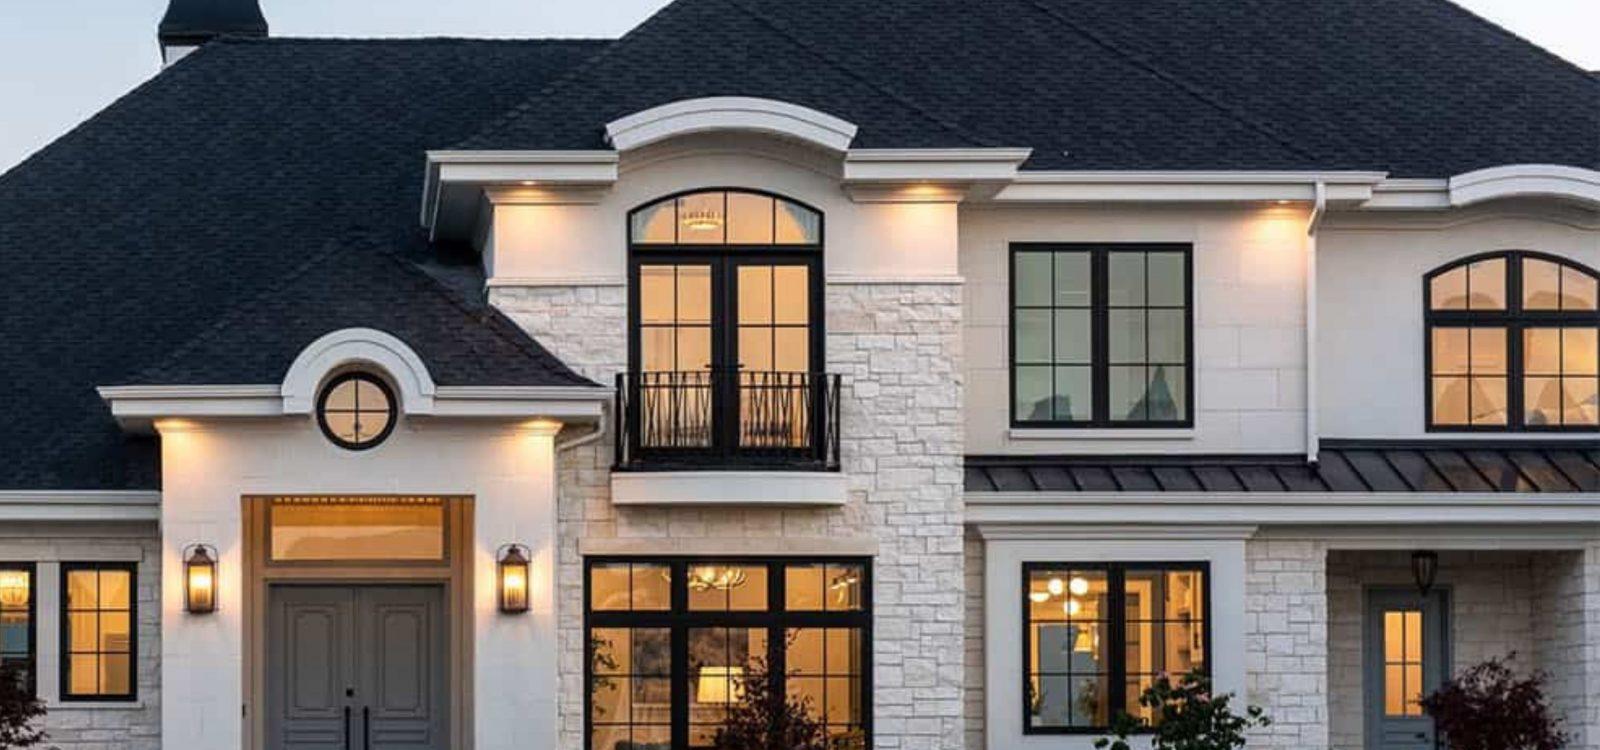 mandala pilar, kontraktor, kontraktor terpercaya, kontraktor amanah, kontraktor rumah, kontraktor jujur, kontraktor bangun rumah, kontraktor renovasi rumah, renovasi rumah, bangun rumah, renovasi, konstruksi, konstruksi rumah, ruko, interior, desain, design, eksterior, fasad, furniture, jasa bangun rumah, jasa kontraktor, jasa renovasi, jasa renovasi rumah, jasa kontraktor rumah, konsultan rumah, konsultan desain, konsultan design, amanah, jujur, terpercaya, recommended, kontraktor berpengalaman, kontraktor recommended, kontraktor bagus, kontraktor on time, on time, kontraktor tepat waktu, tepat waktu, kontraktor pamulang, kontraktor jakarta, kontraktor, tangerang, kontraktor bekasi, kontraktor bogor, kontraktor, cibubur, kontraktor depok, beton, beton expose, bata, bata expose, void, foyer, bay window, skylight, teras, split level, minimalis, minimalis modern, tropis, tropis modern, eropa, eropa modern, eropa klasik, pelapis dinding, foyer, balkon, teras, beranda, rumah kokoh, jaring baja, dak beton, taman rumah, kamar mandi, kamar anak, beton ekspose, bata ekspose, kayu pelapis dinding, pengurugan, cahaya buatan, pencahayaan buatan, beranda rumah, teras, rumah ramah lingkungan, material rumah, alternatif material kayu, taman rumah minimalis, rumah jepang, rumah korea, meningkat rumah, plafon rumah, material fasad, pagar kayu, dinding kaca, pagar rumah, batu koral, rumah urban, atap rumah, void rumah, split level, balkon rumah, rumah tropis, material rumah, interior rumah minimalis, furnitur kayu, lantai kayu, lantai marmer, polikarbonat, polycarbonate, kamar, downlight, led, cat minyak, mandor, skandinavian, skandinavia, modern, eropa klasik, eropa modern, tropis, urban, minimalis, kontemporer, rumah sejuk, sumah asri, rumah nyaman, rumah aman, rumah terbuka, pondasi